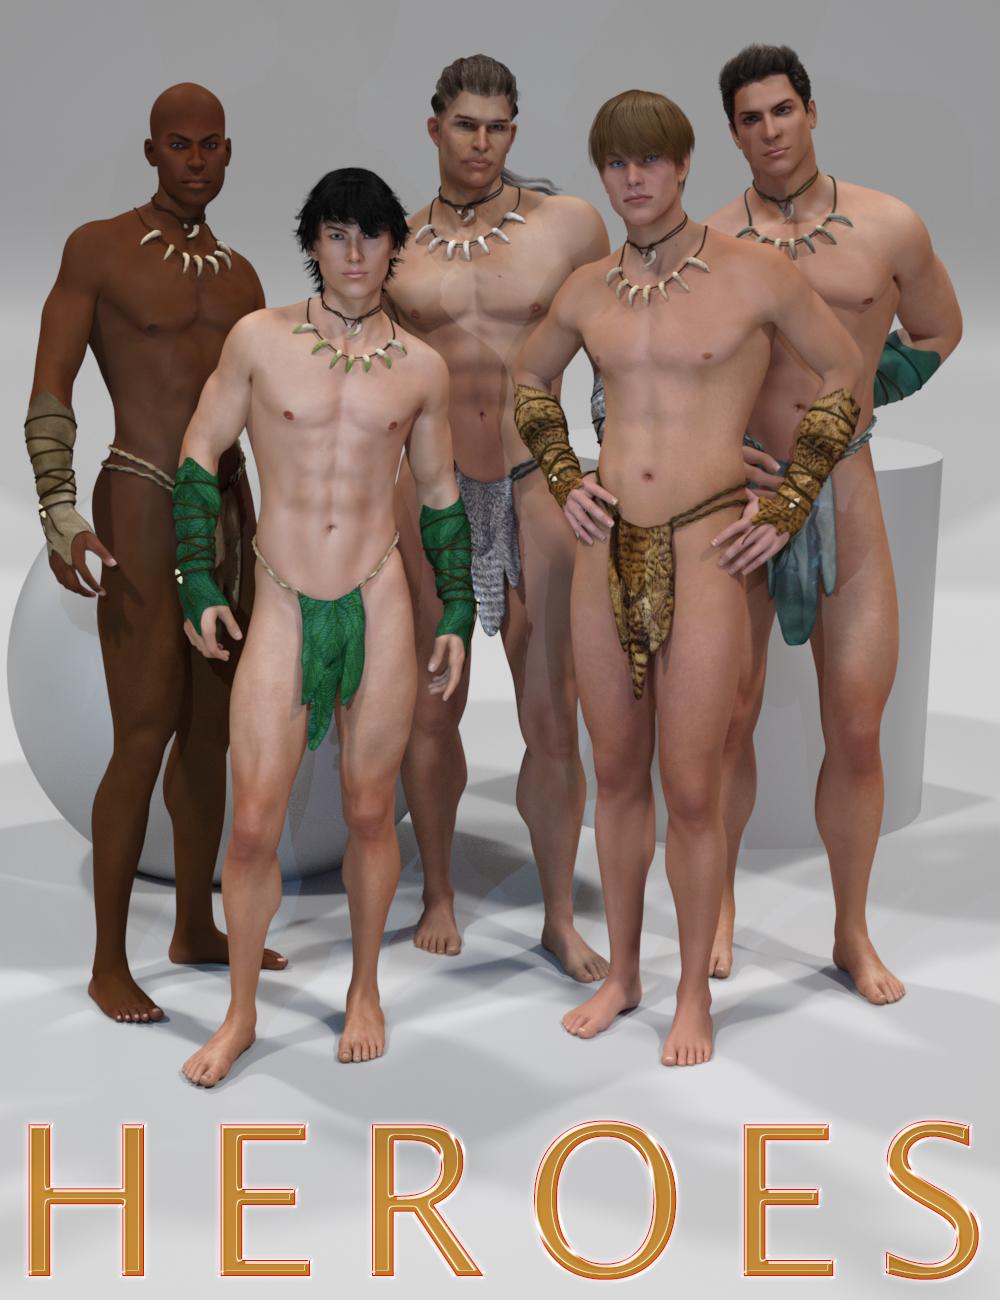 Genesis 2 Legacies for Genesis 3 Male: Heroes by: SloshWerks, 3D Models by Daz 3D